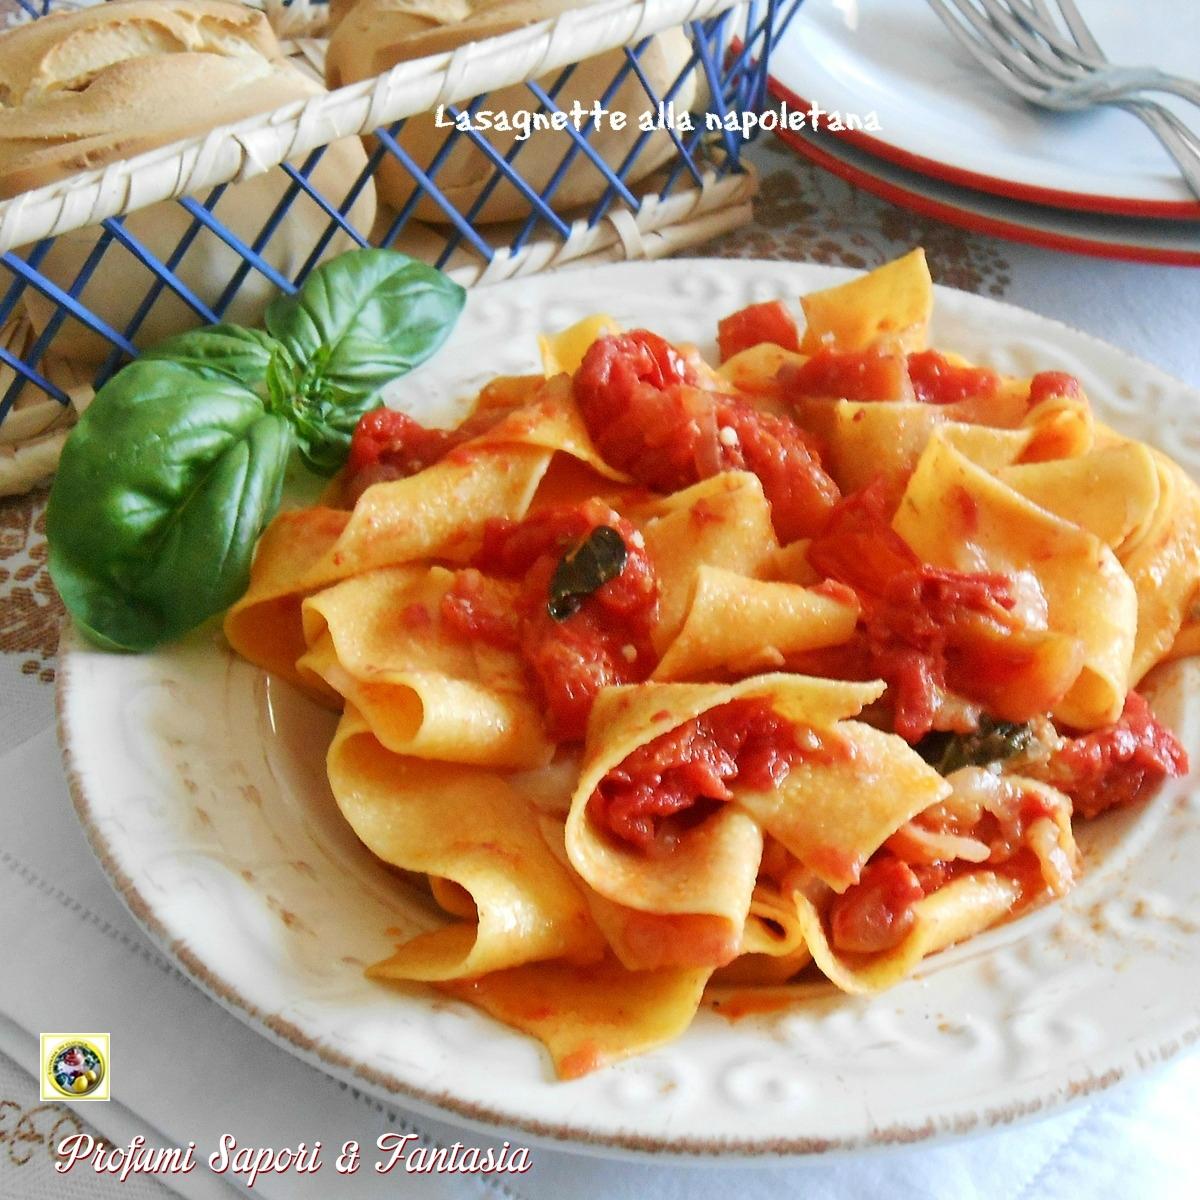 Lasagnette alla napoletana